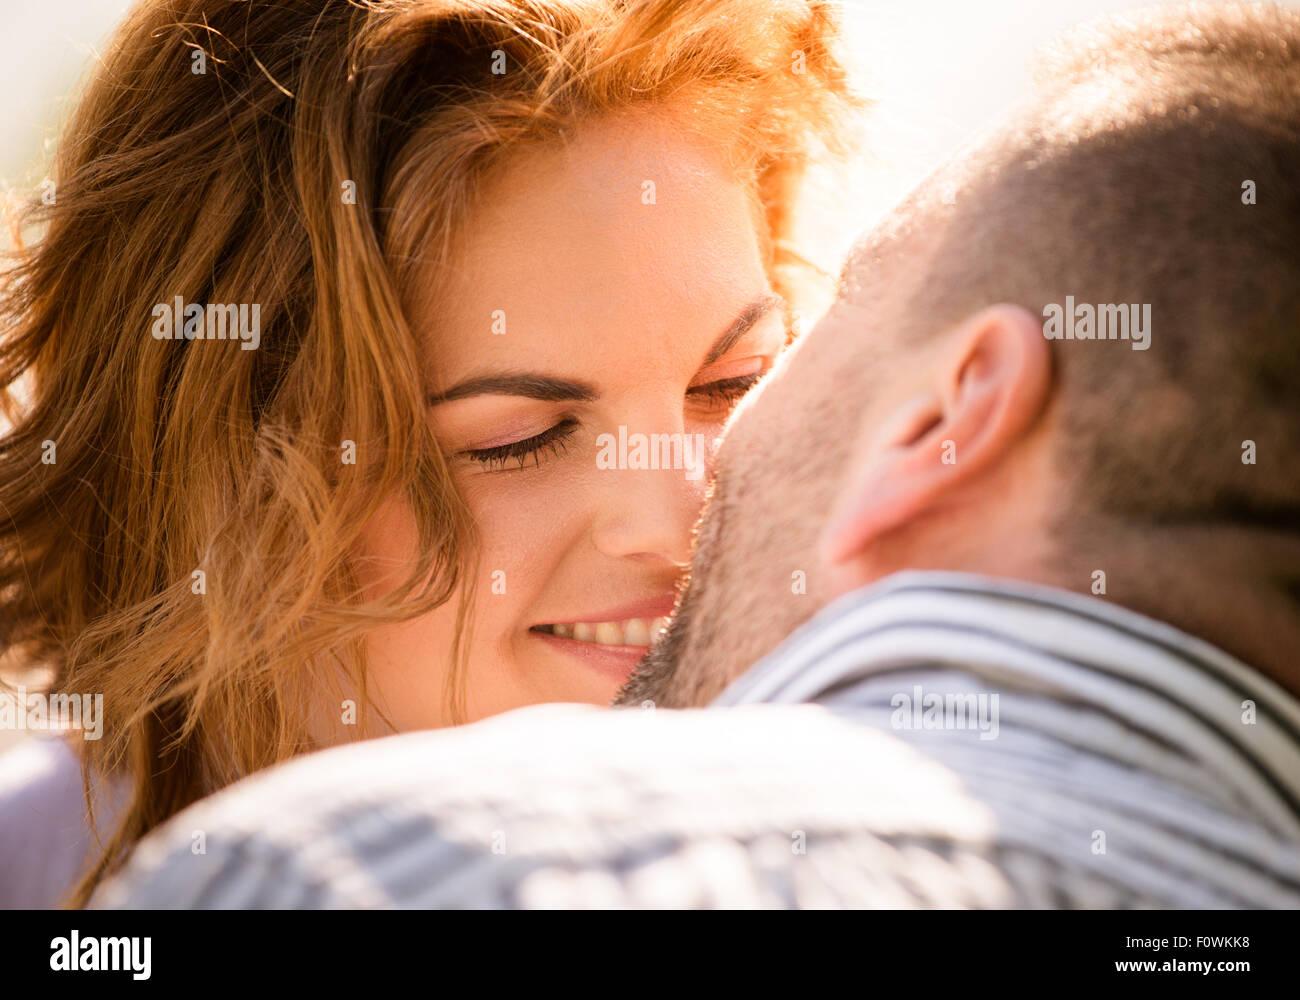 Close-up sincero foto de um homem beijando jovem mulher sorridente Imagens de Stock